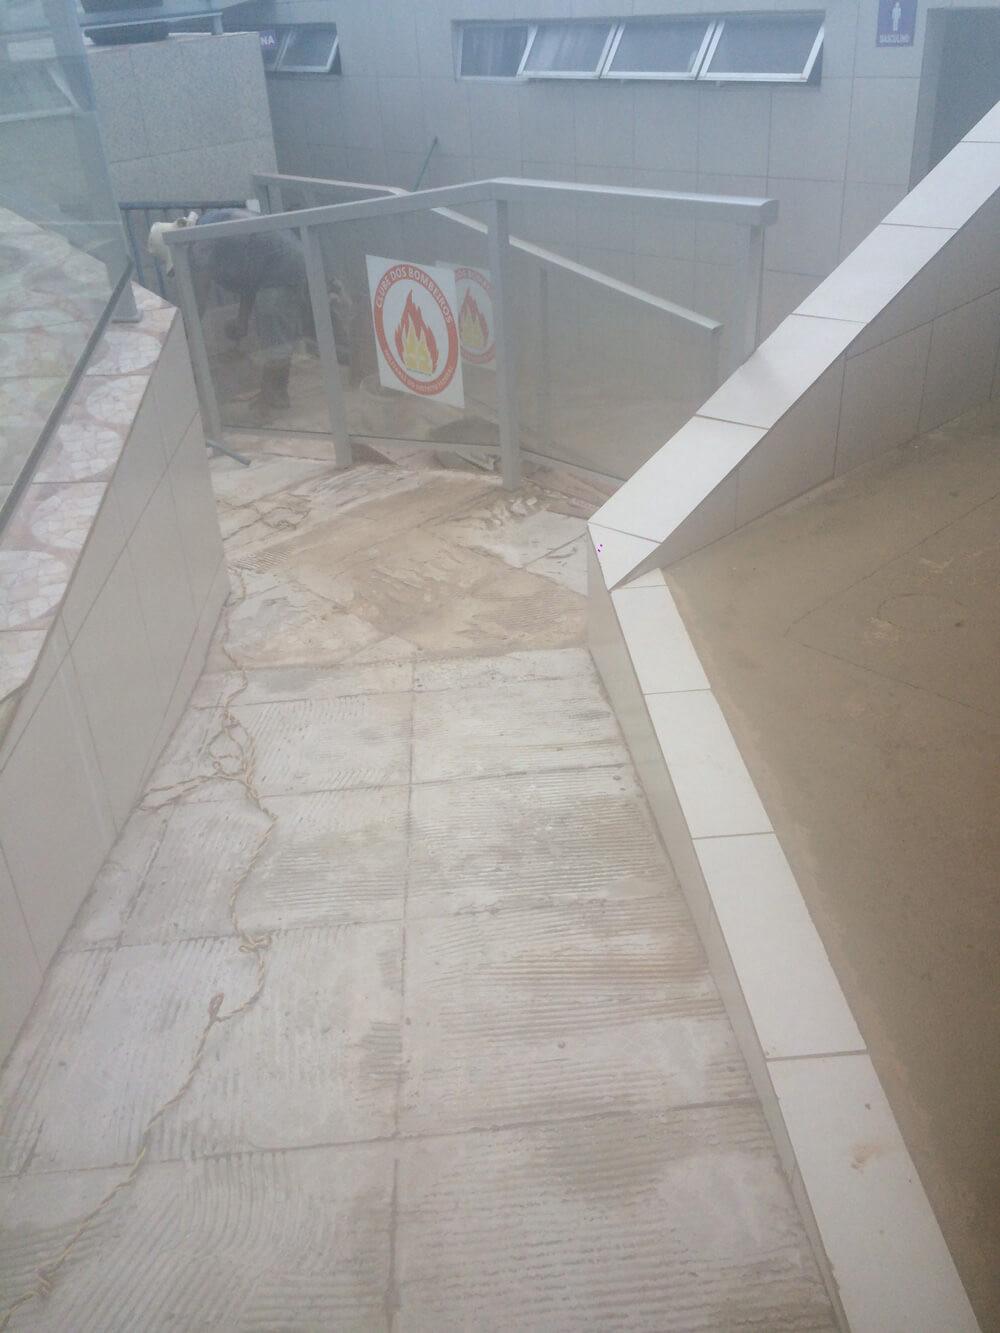 Figura 2 - Rampa de acesso aos banheiros e sauna